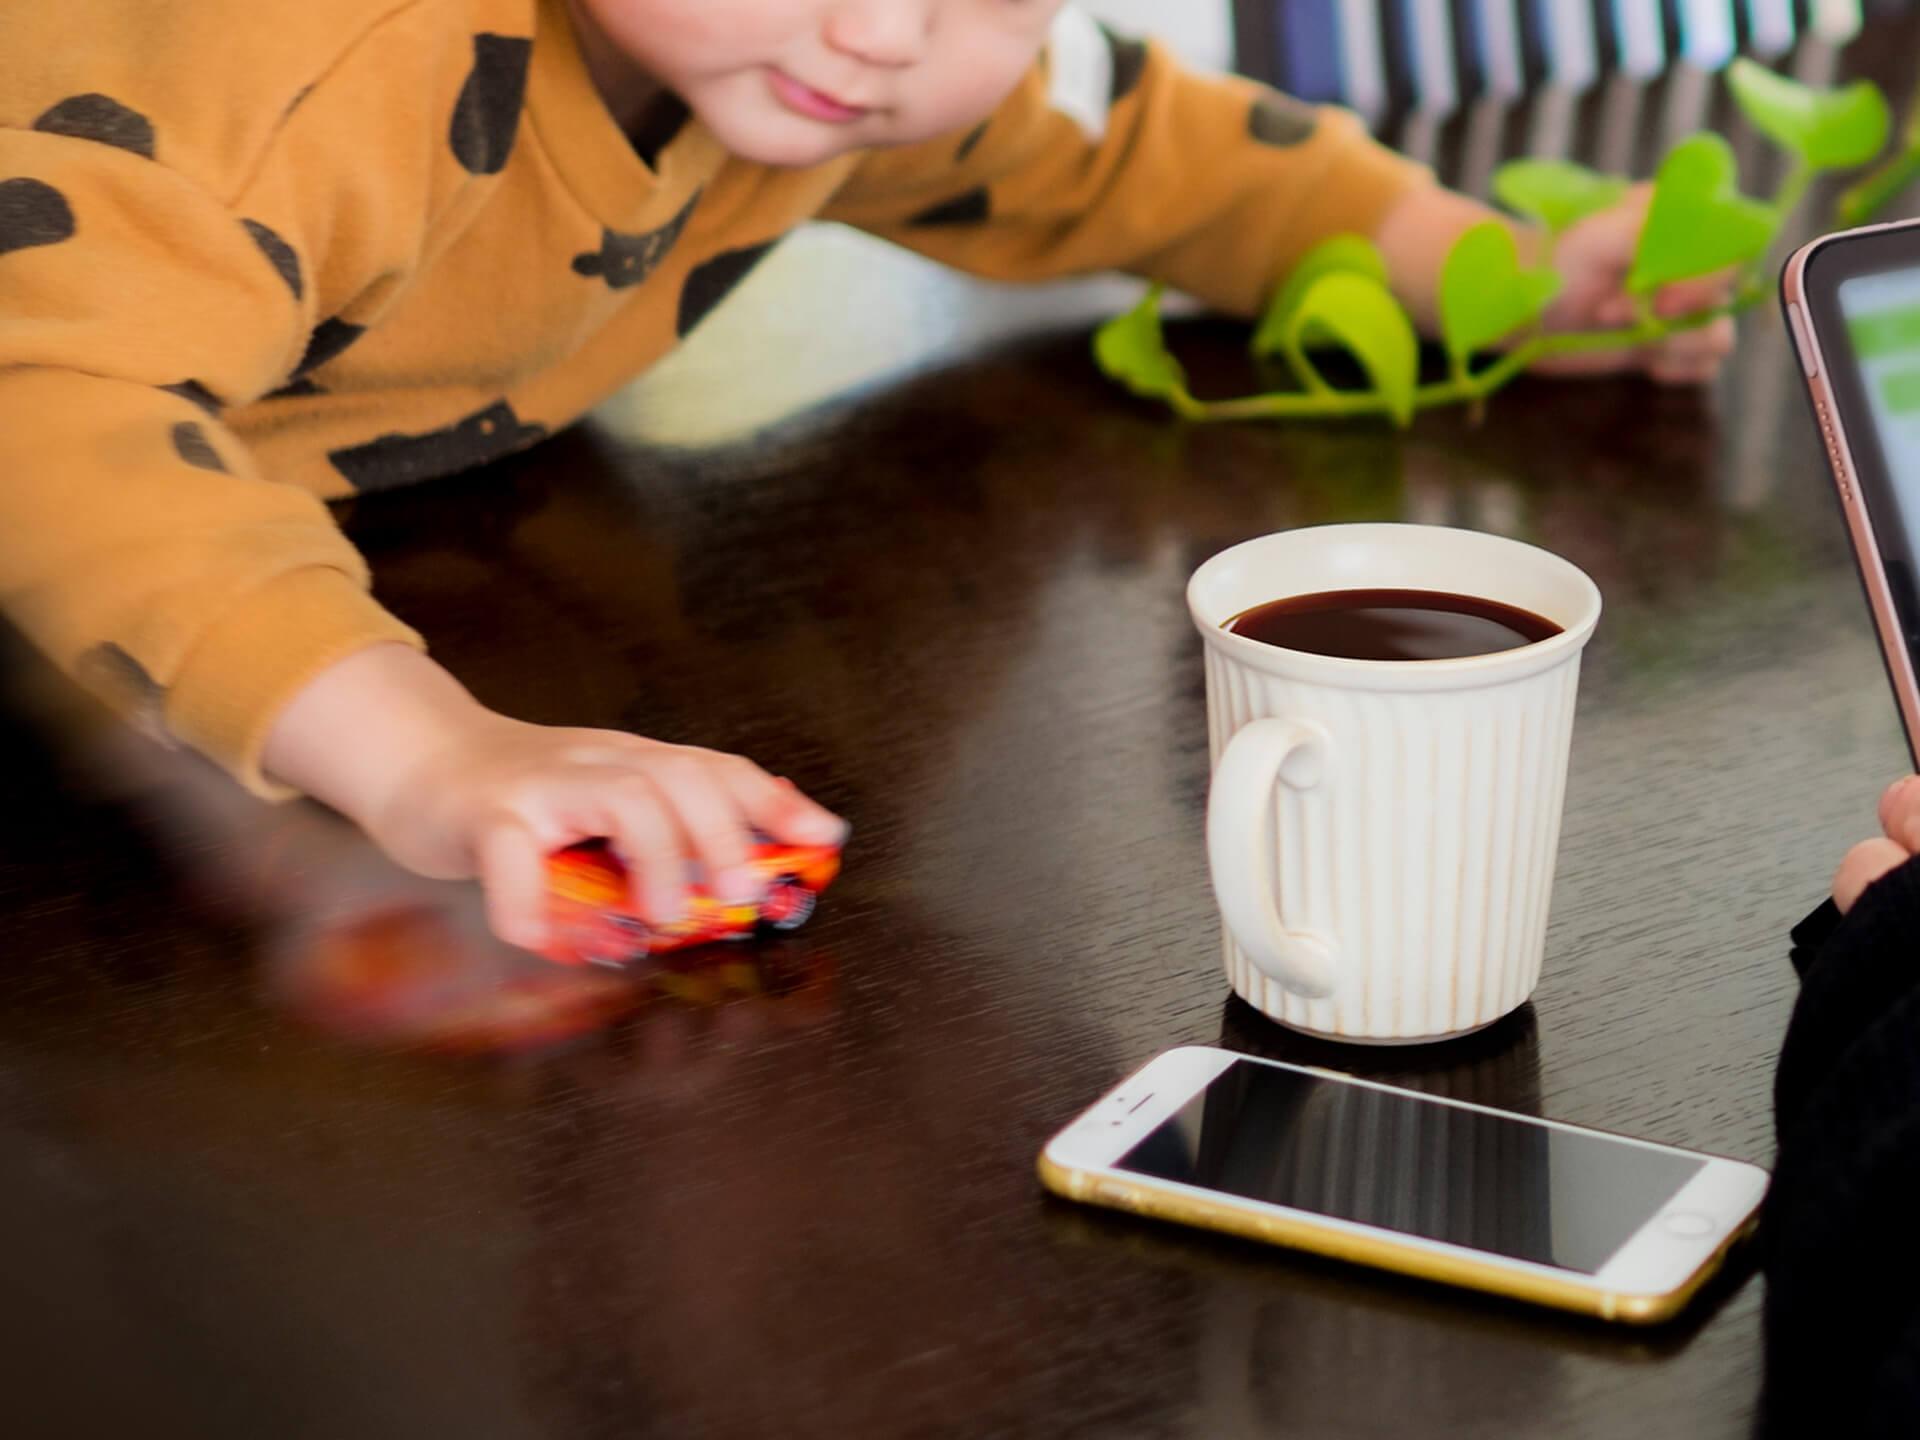 子どもとコーヒー